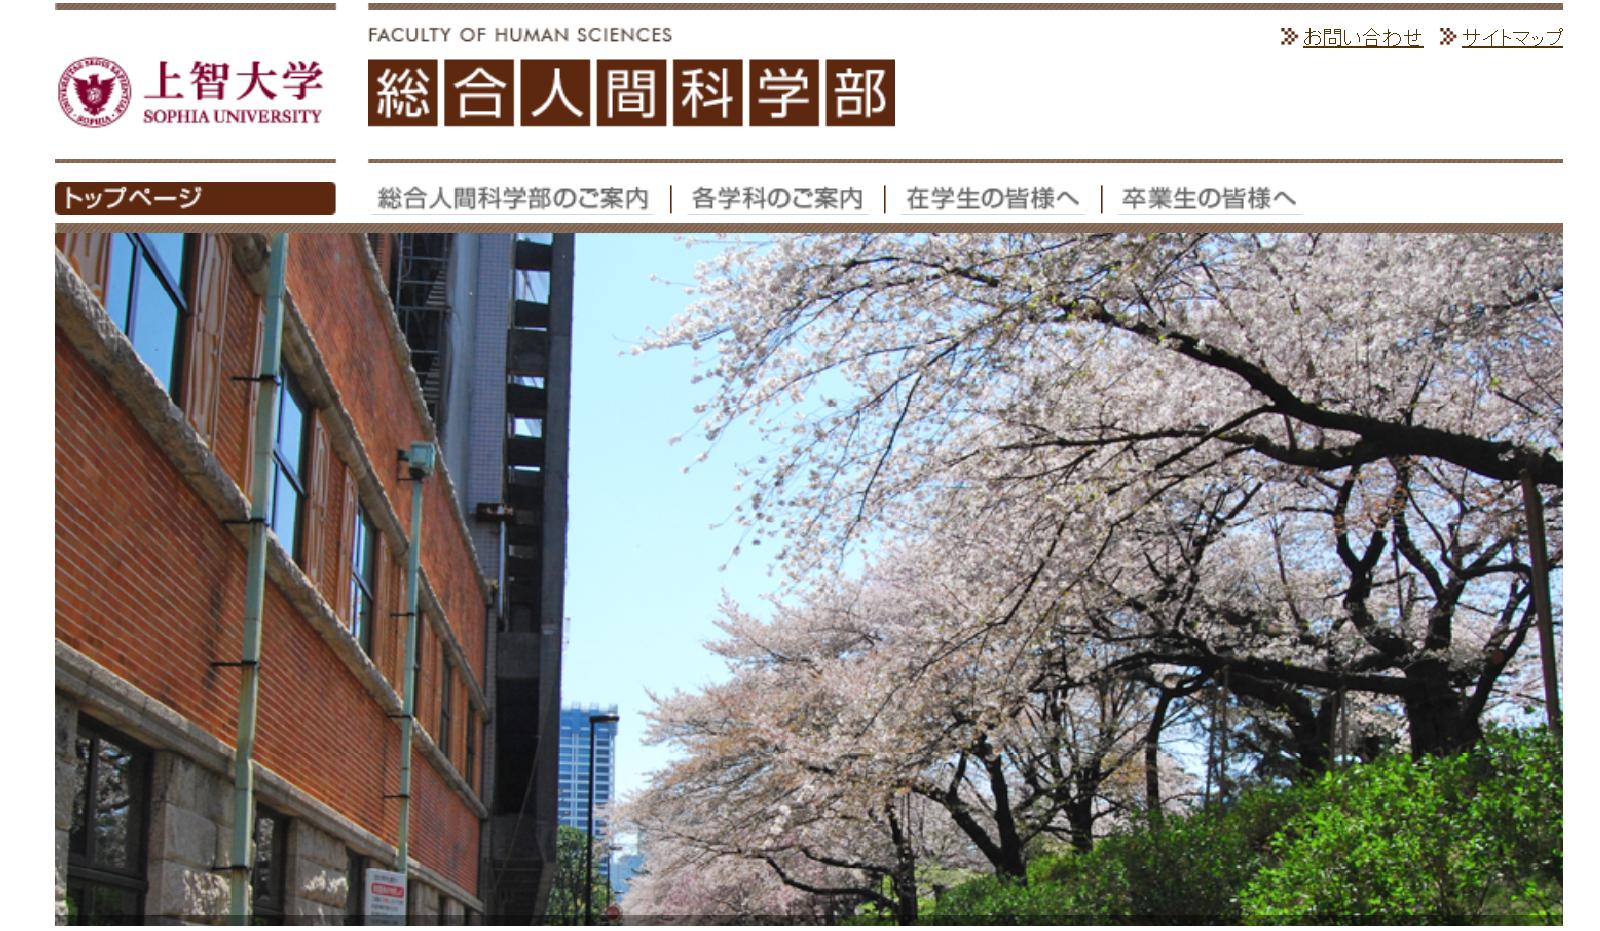 上智大学の評判・口コミ【総合人間科学部編】